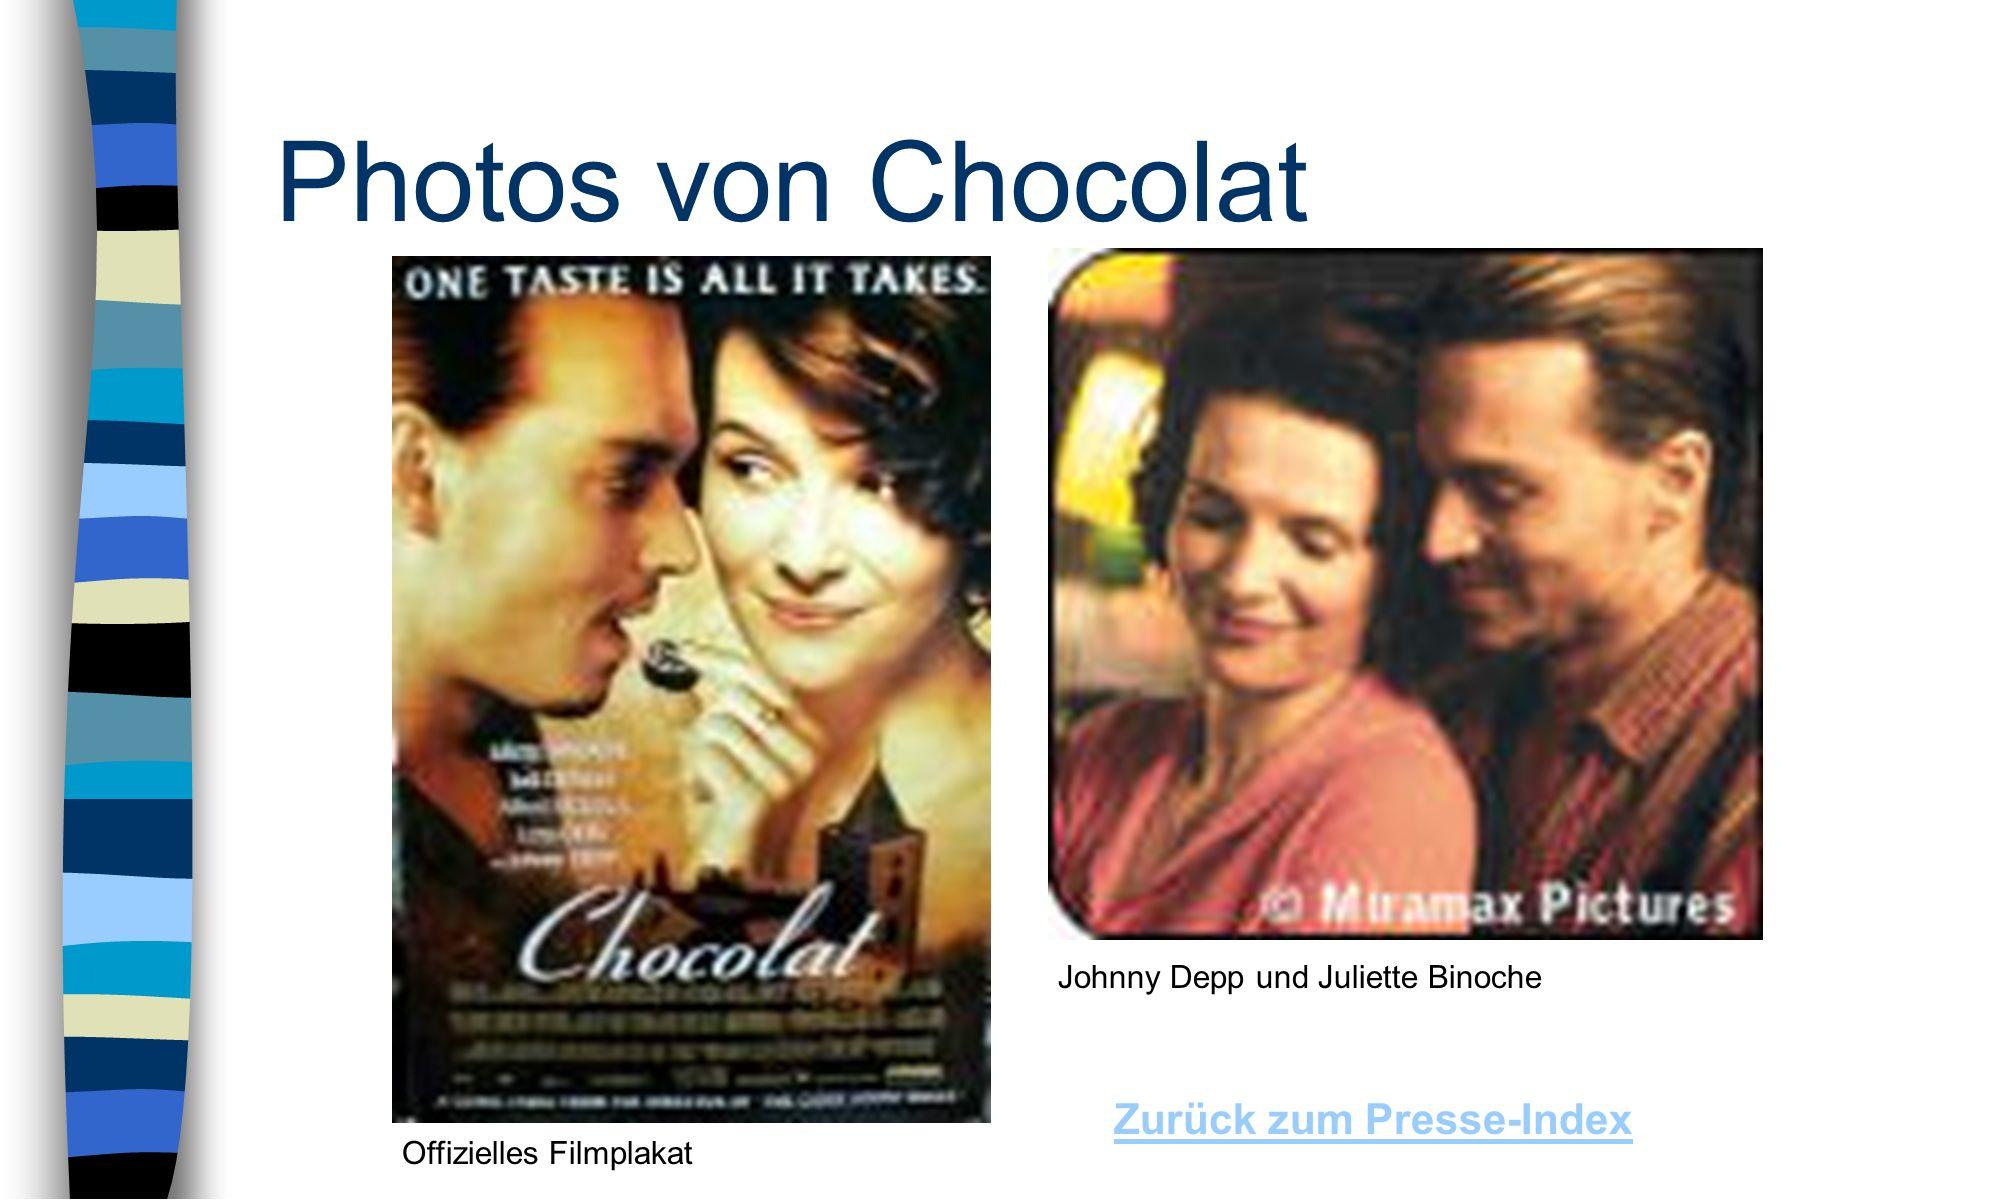 Photos von Chocolat Zurück zum Presse-Index Offizielles Filmplakat Johnny Depp und Juliette Binoche